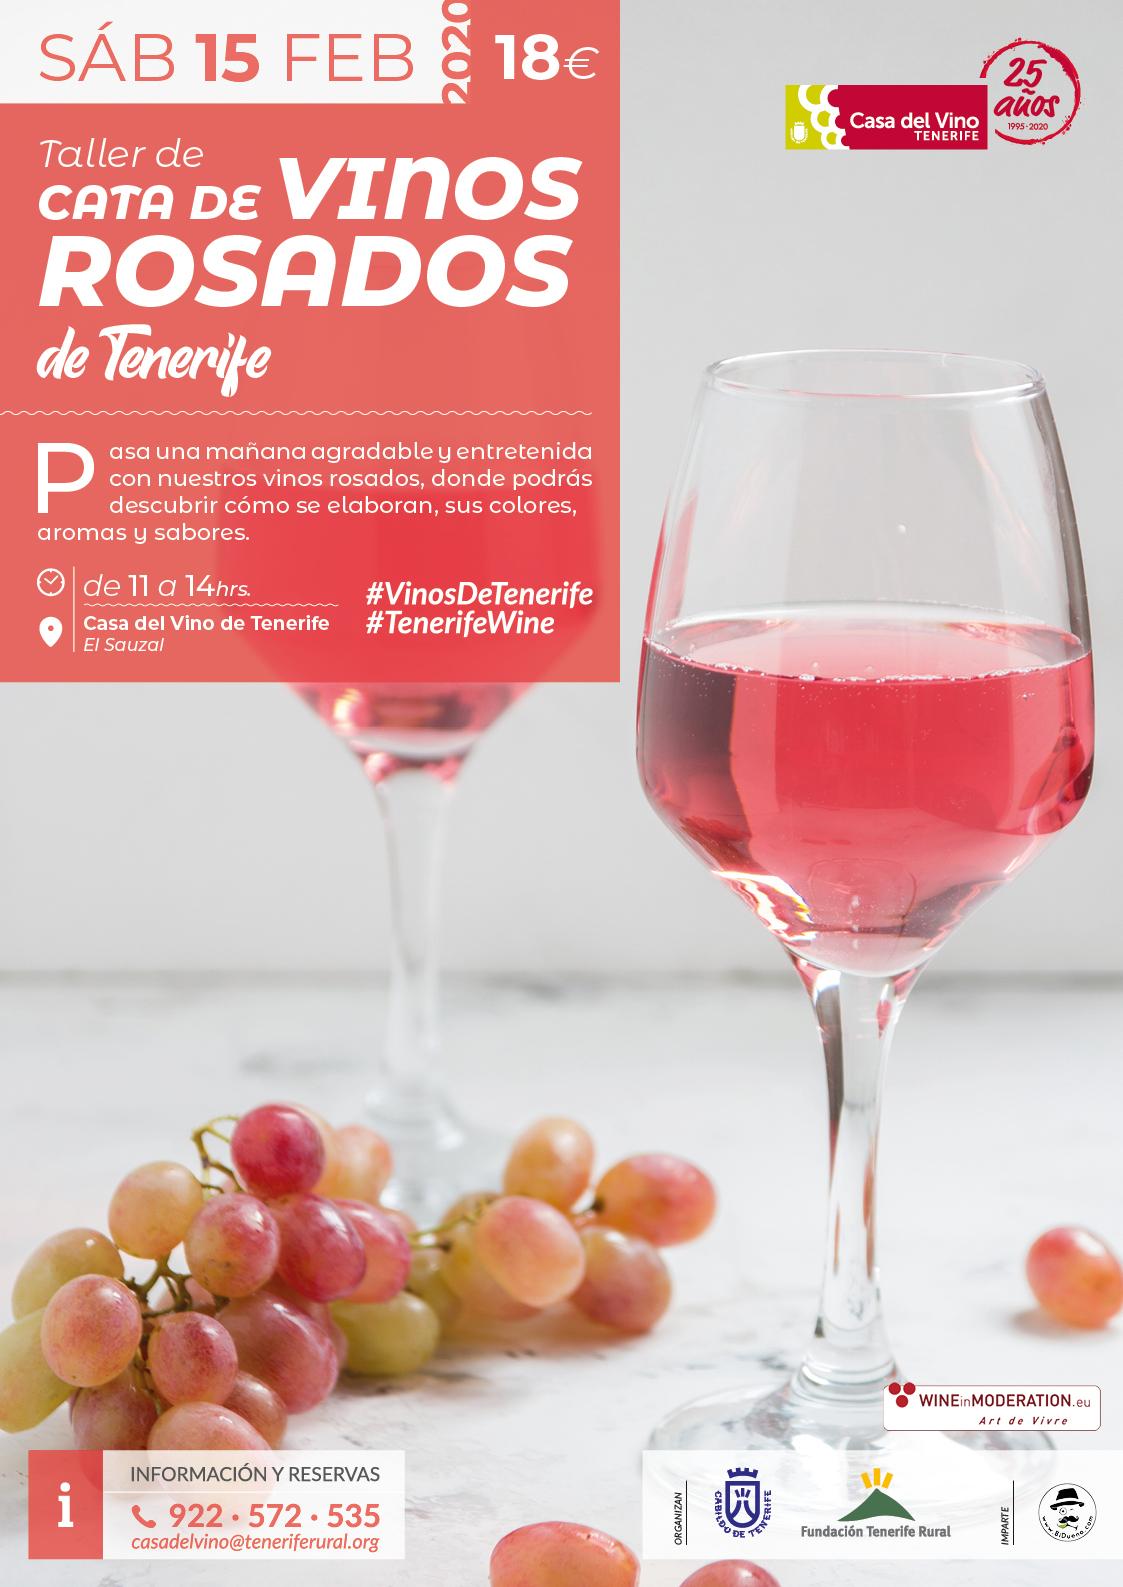 Taller de cata de vinos rosados de Tenerife, sábado 15 de febrero en la Casa del Vino Tenerife